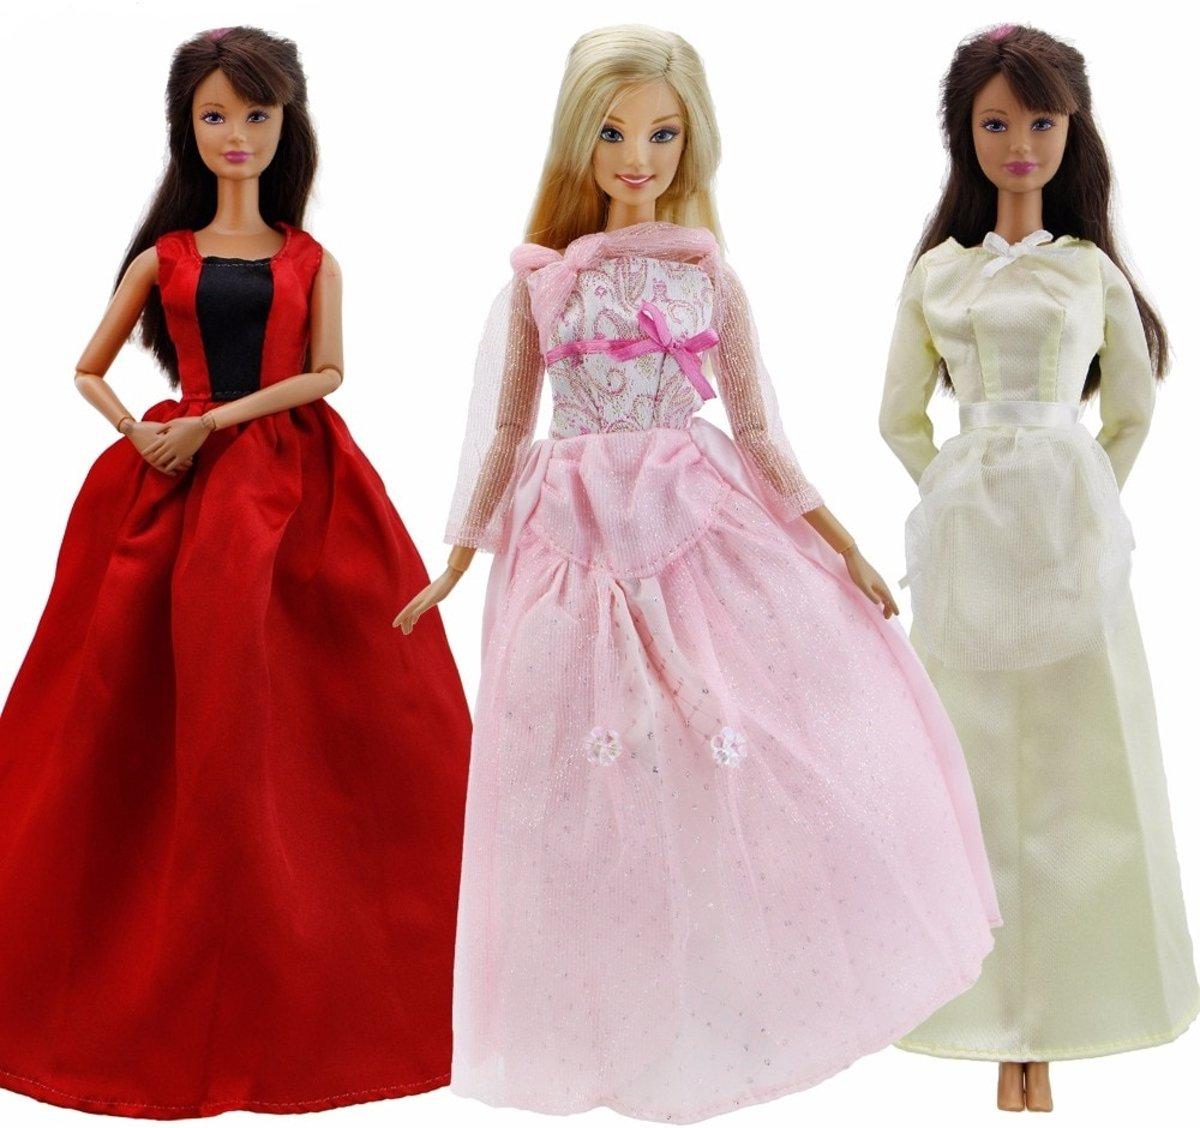 fb92f2aa06b9b9 3x lange jurk voor modepop - prinsessenjurk set voor barbie pop